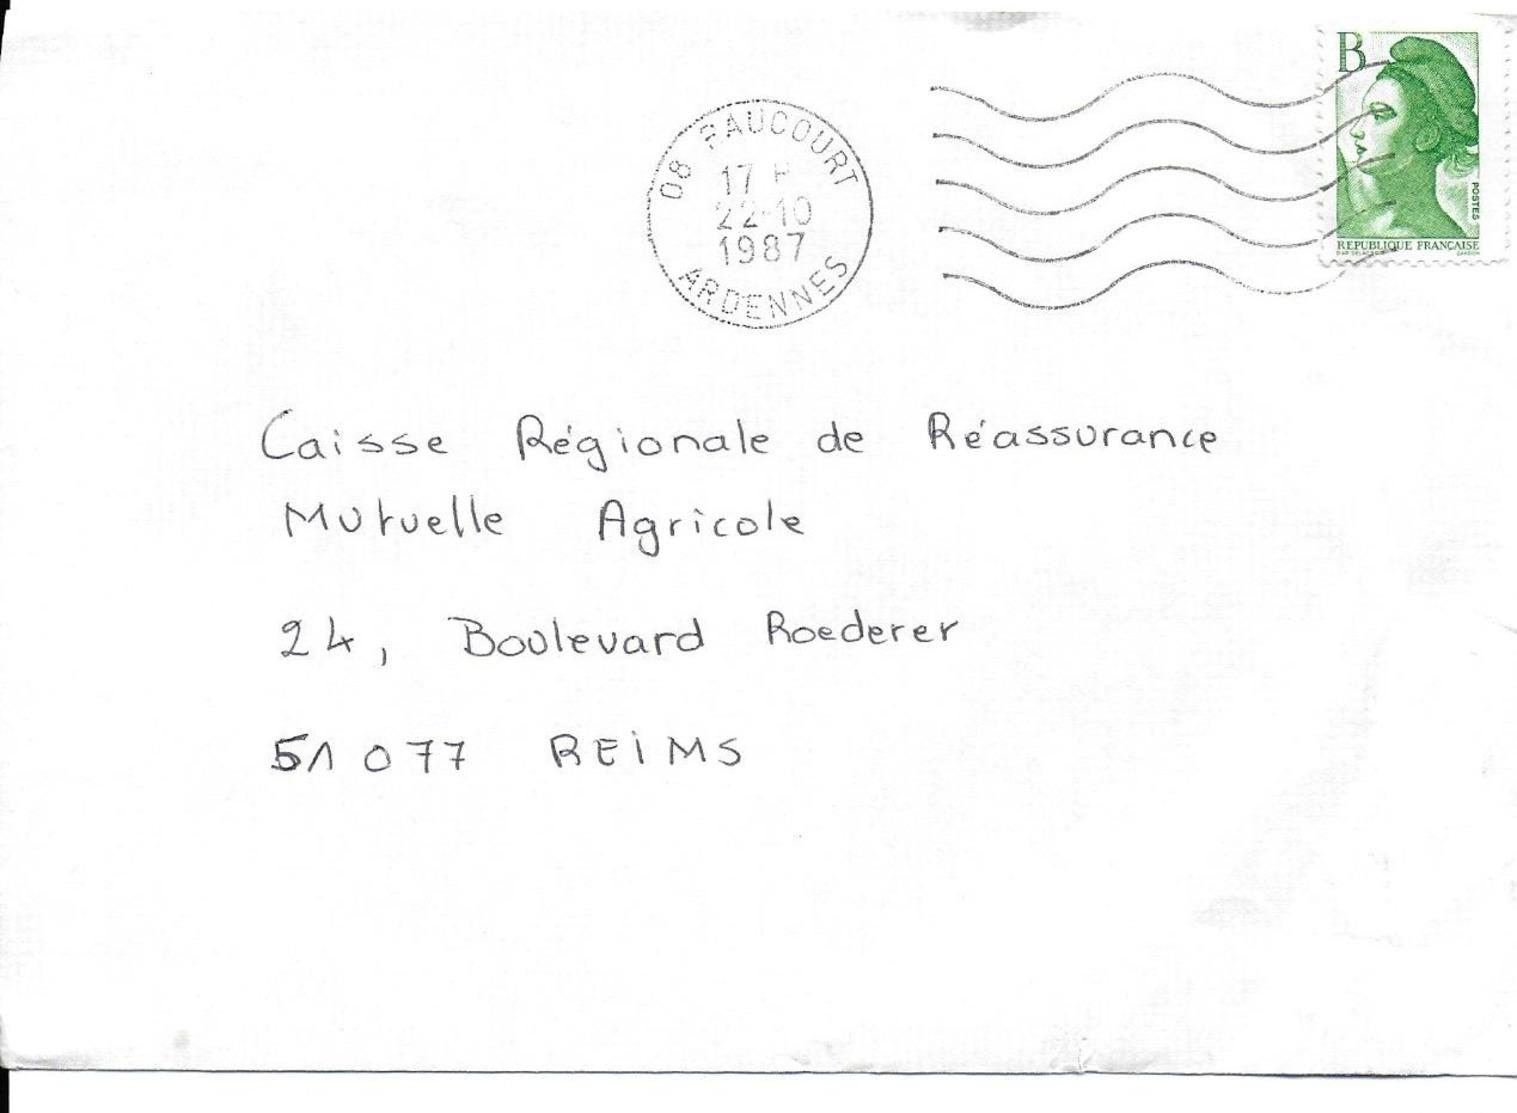 FLAMMES MUETTES ARDENNES LOT 20 ENVELOPPES FR0019 - Poststempel (Briefe)